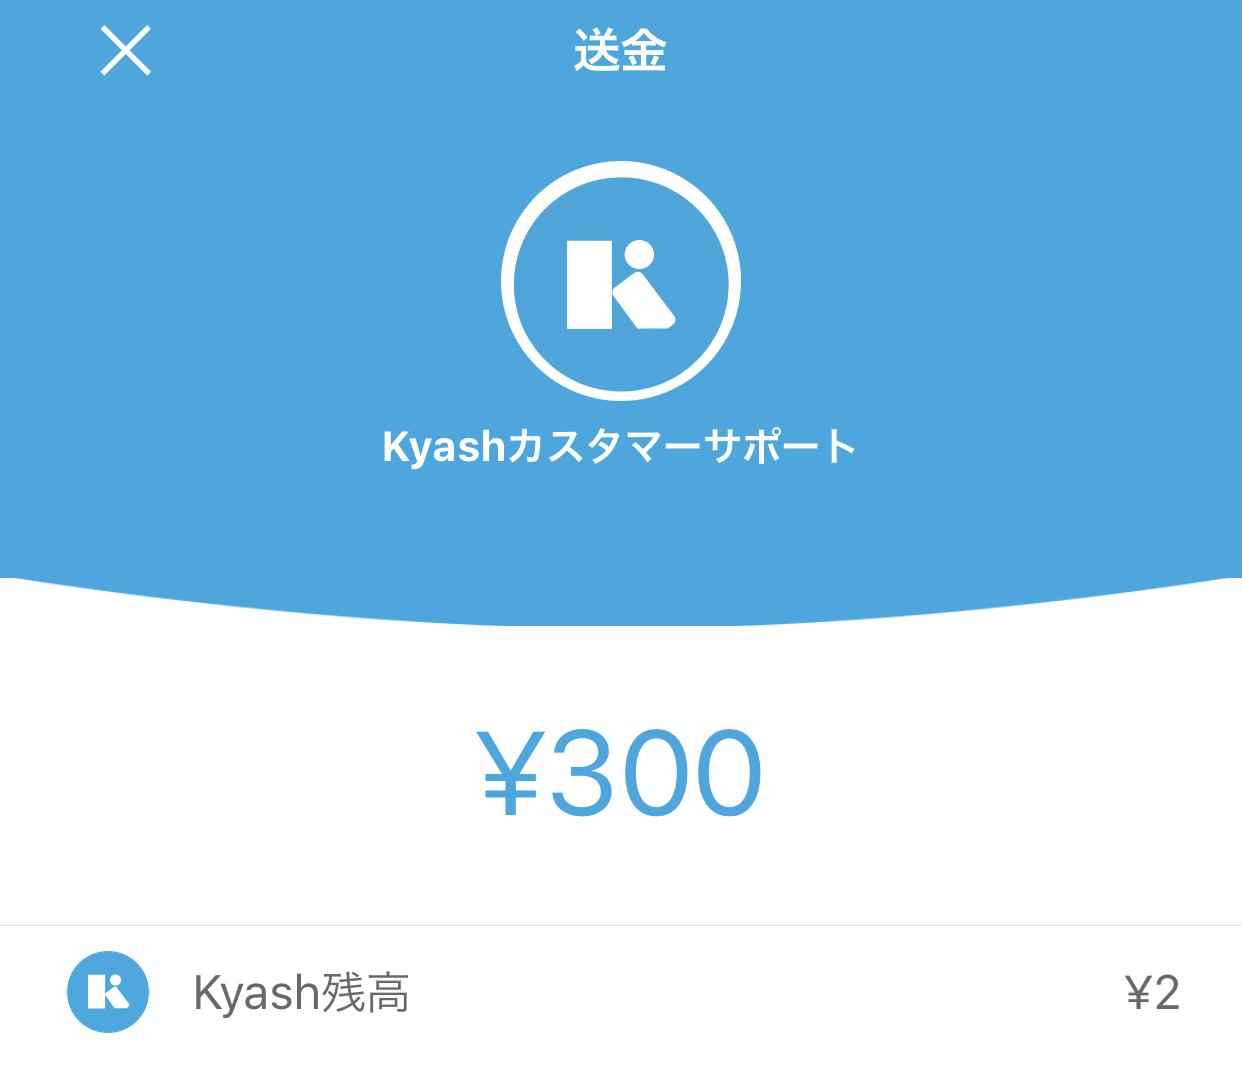 Kyash funshitsu 03